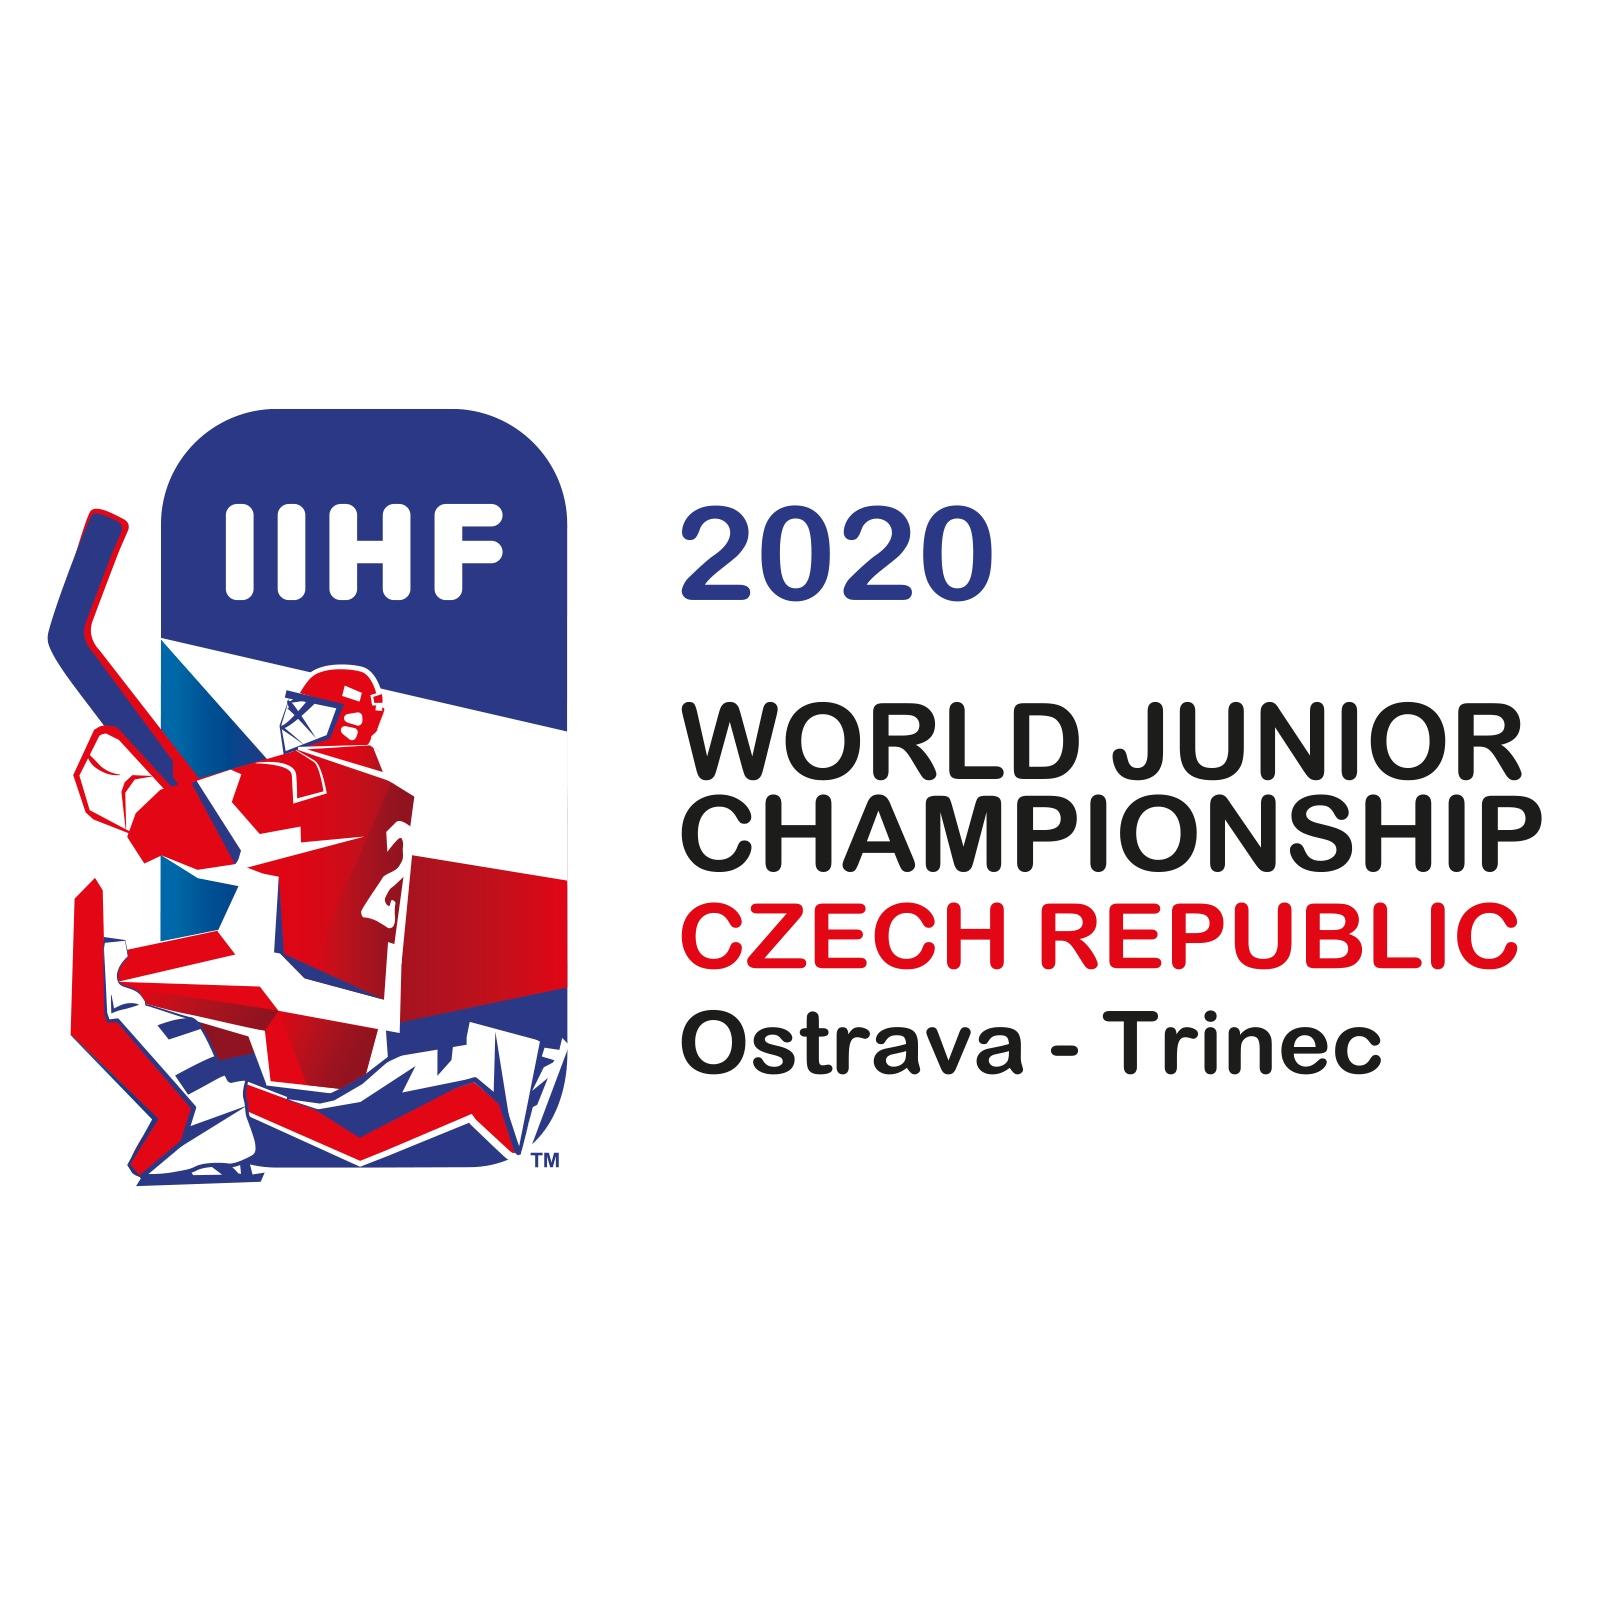 Компания SIVEK HOTELS стала главным принимающим партнером и организатором Чемпионатаь мира по хоккею с шайбой среди молодёжных команд 2020.